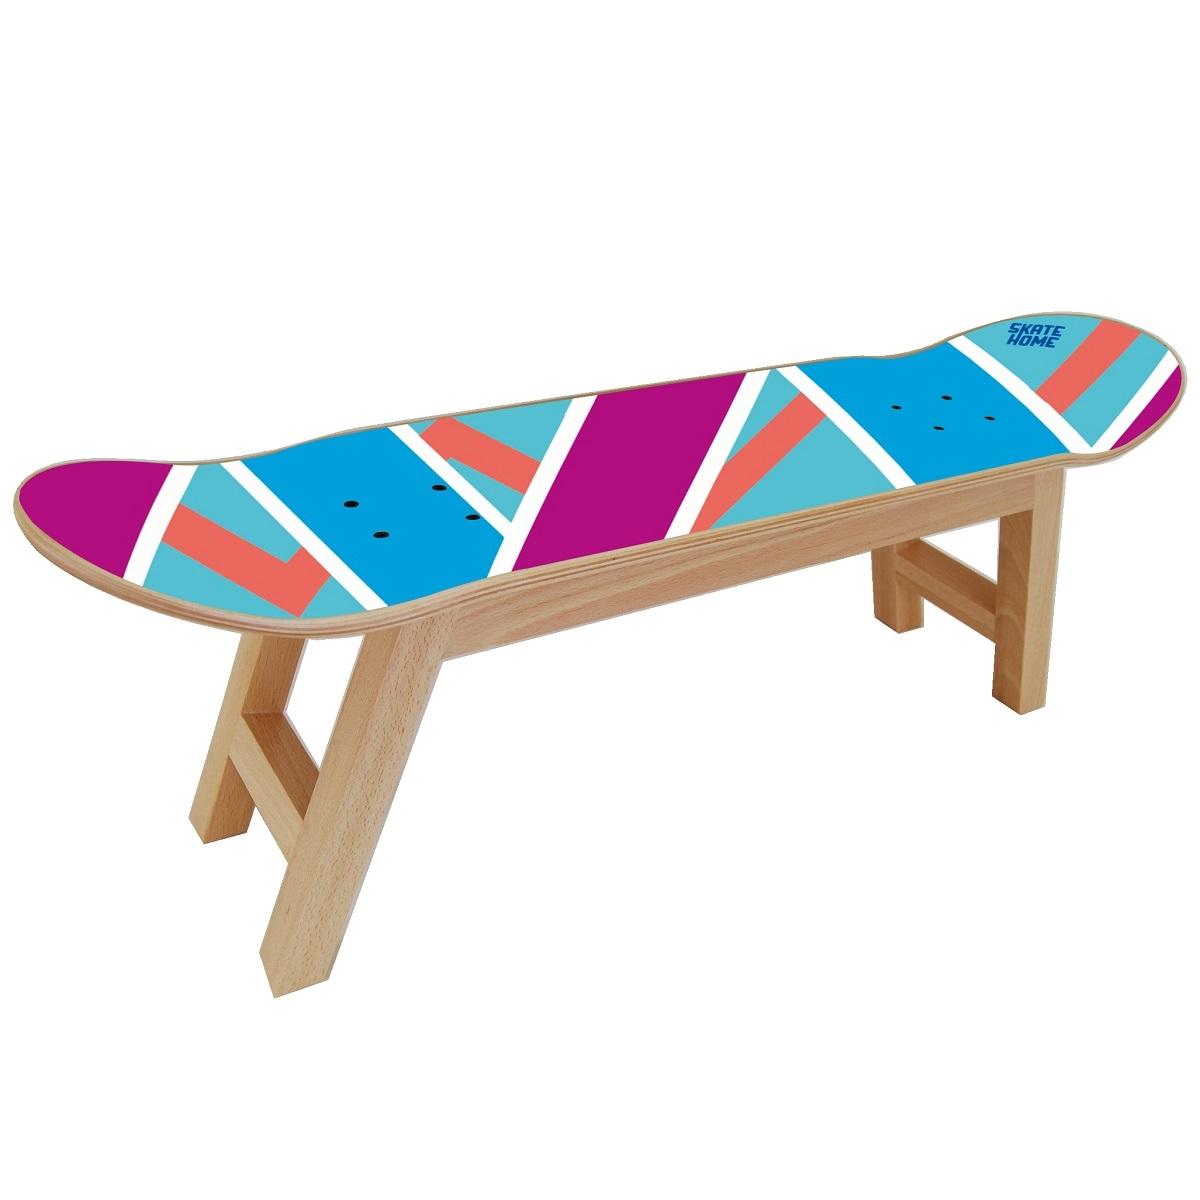 Taburete Casa.Skateboard Taburete Olliepops Azul Y Morado Perfecto Para La Casa De Un Skater